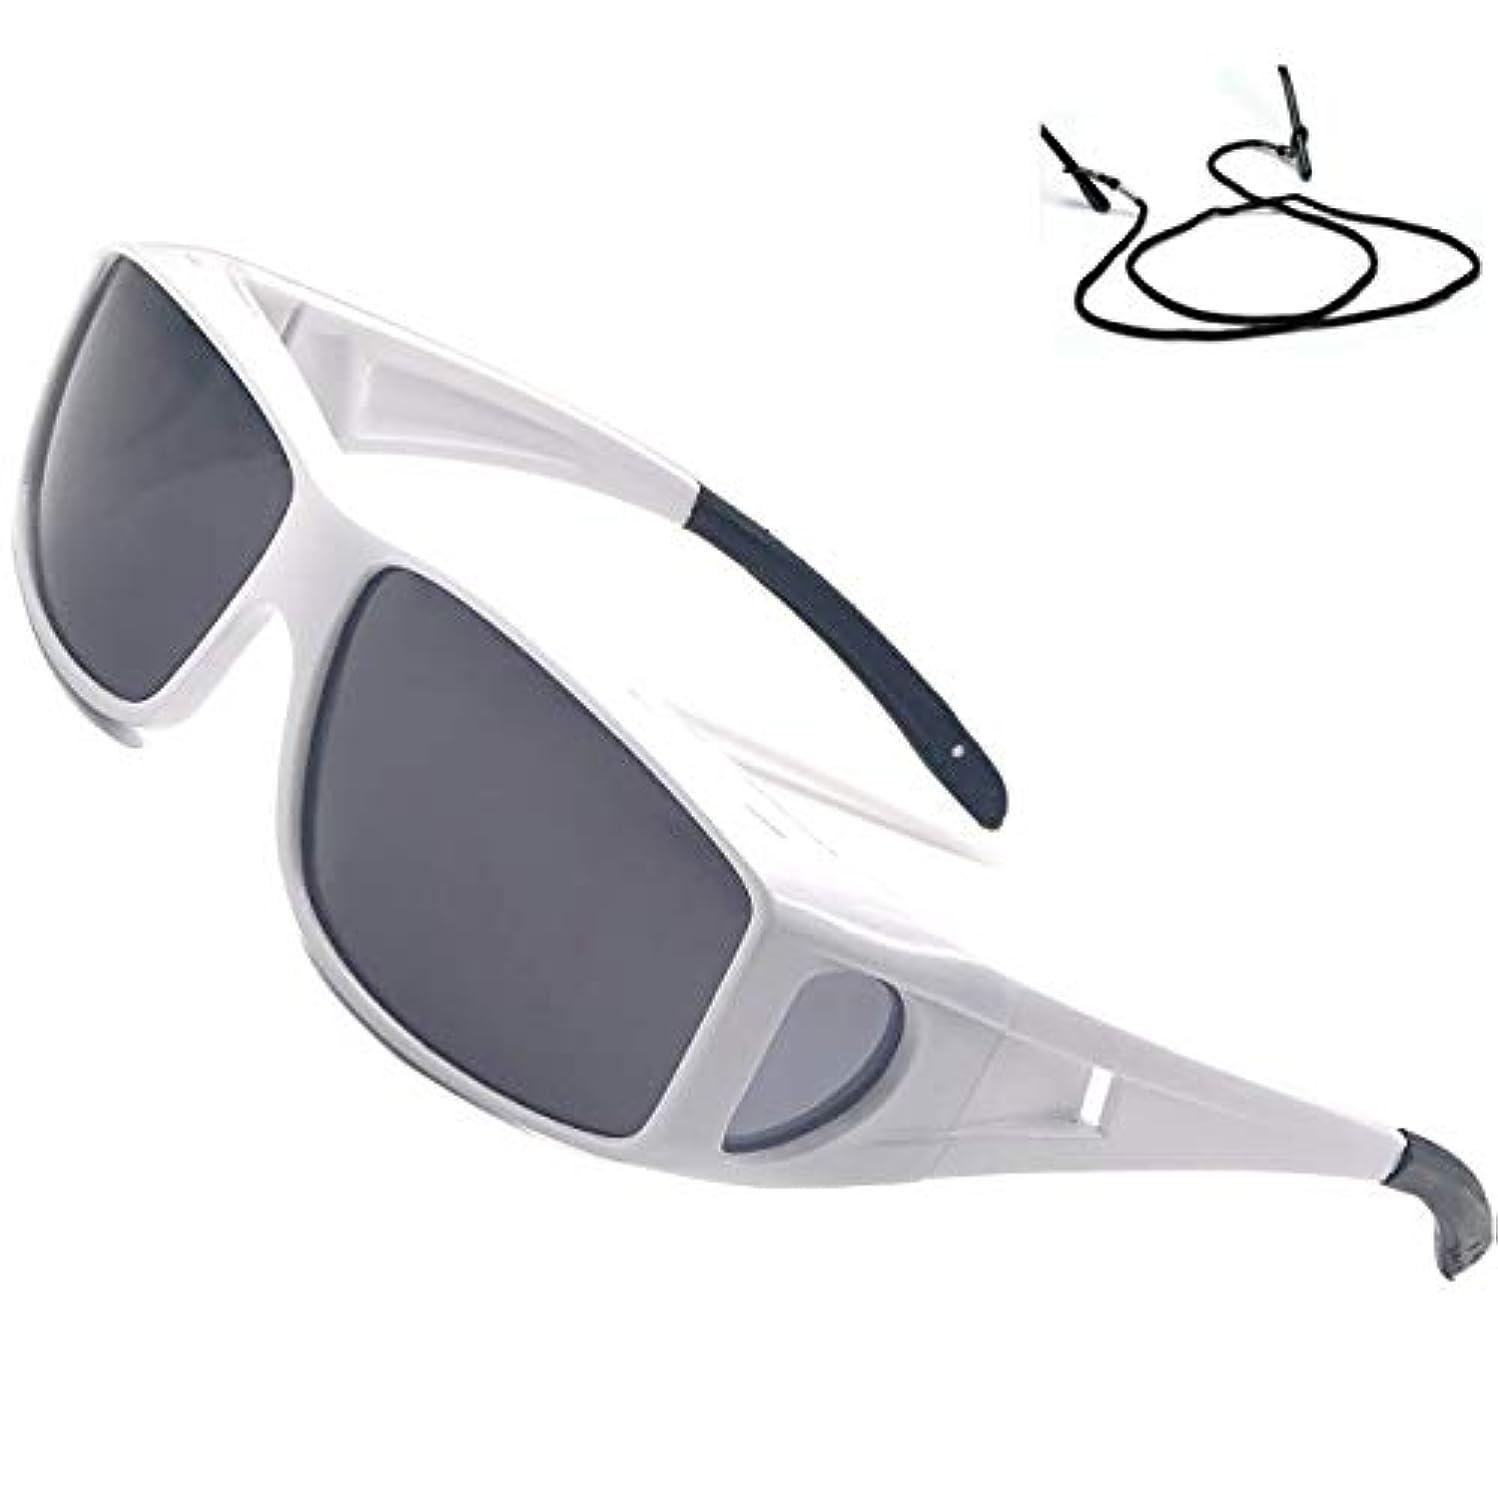 トンネルカウント有害な偏光サングラスをUV400眼鏡の男性と女性の眼鏡を遮ってサングラス釣り眼鏡